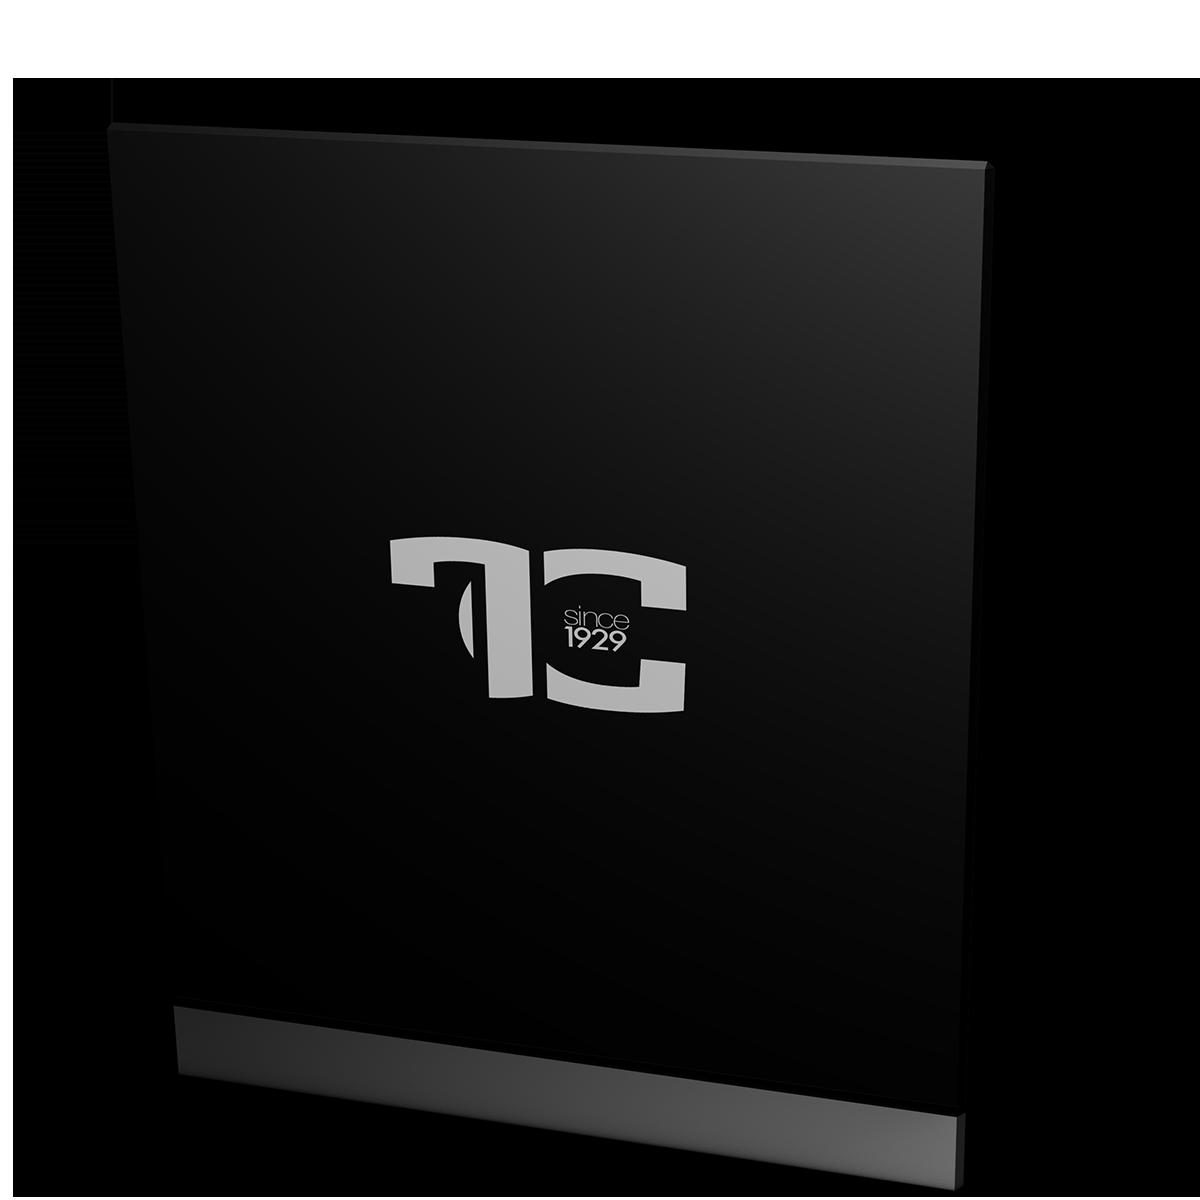 FC dárková krabička 210 x 195 x 80 mm s vnitřním potiskem